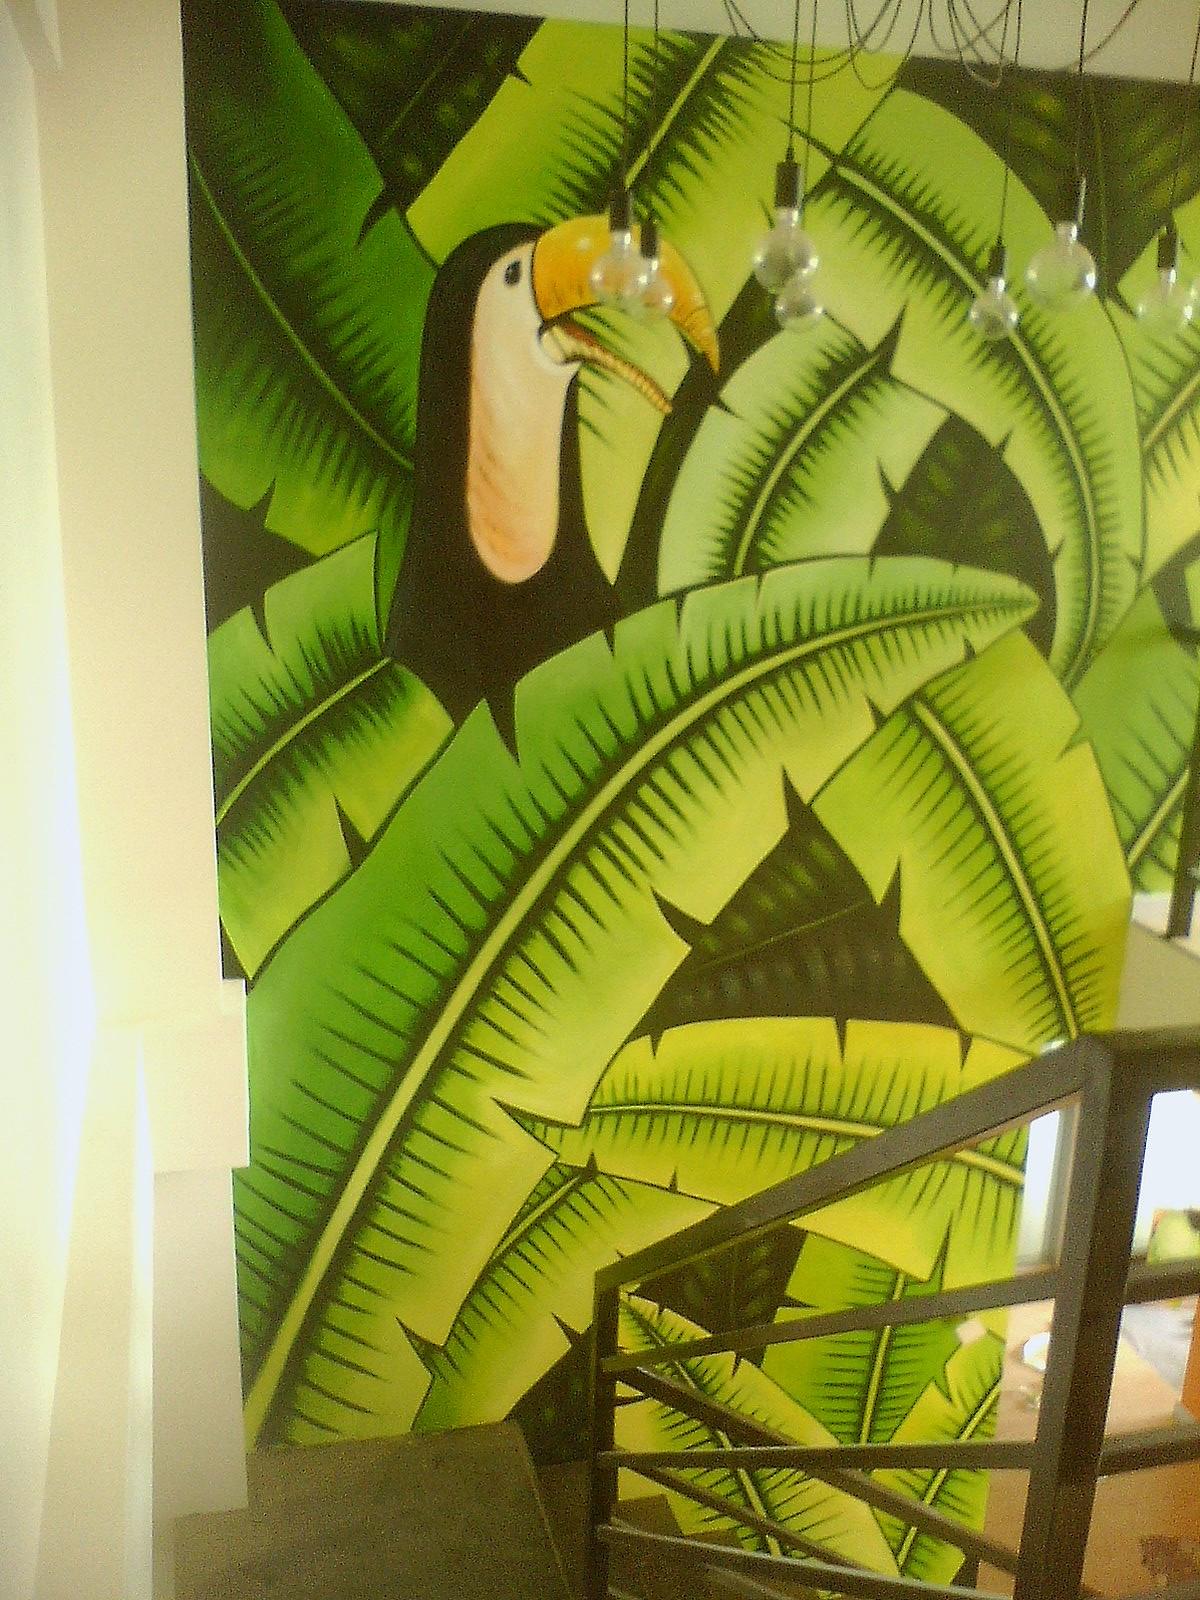 南昌艺术墙绘,南昌画背景墙,南昌手绘墙体绘画,南昌墙体绘画手绘